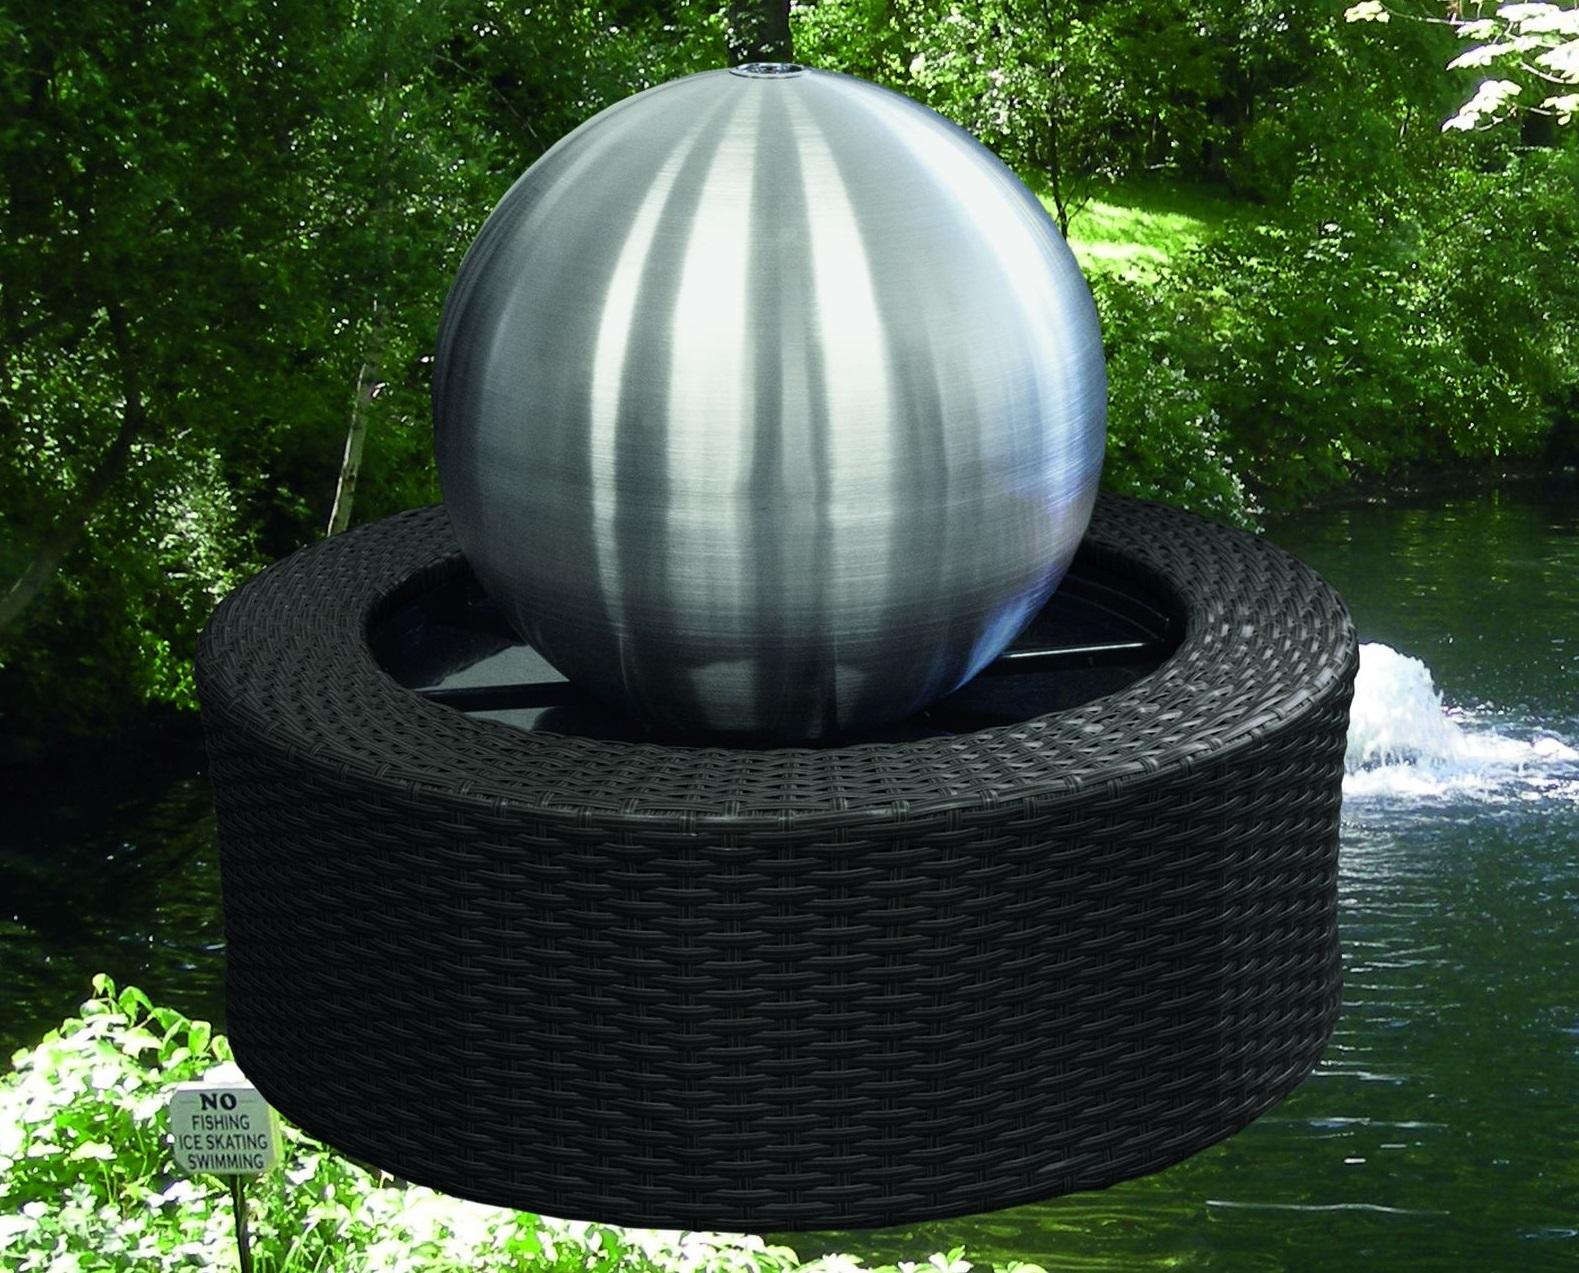 Brunnen Edelstahl.Edelstahl Brunnen Mit Led Beleuchtung